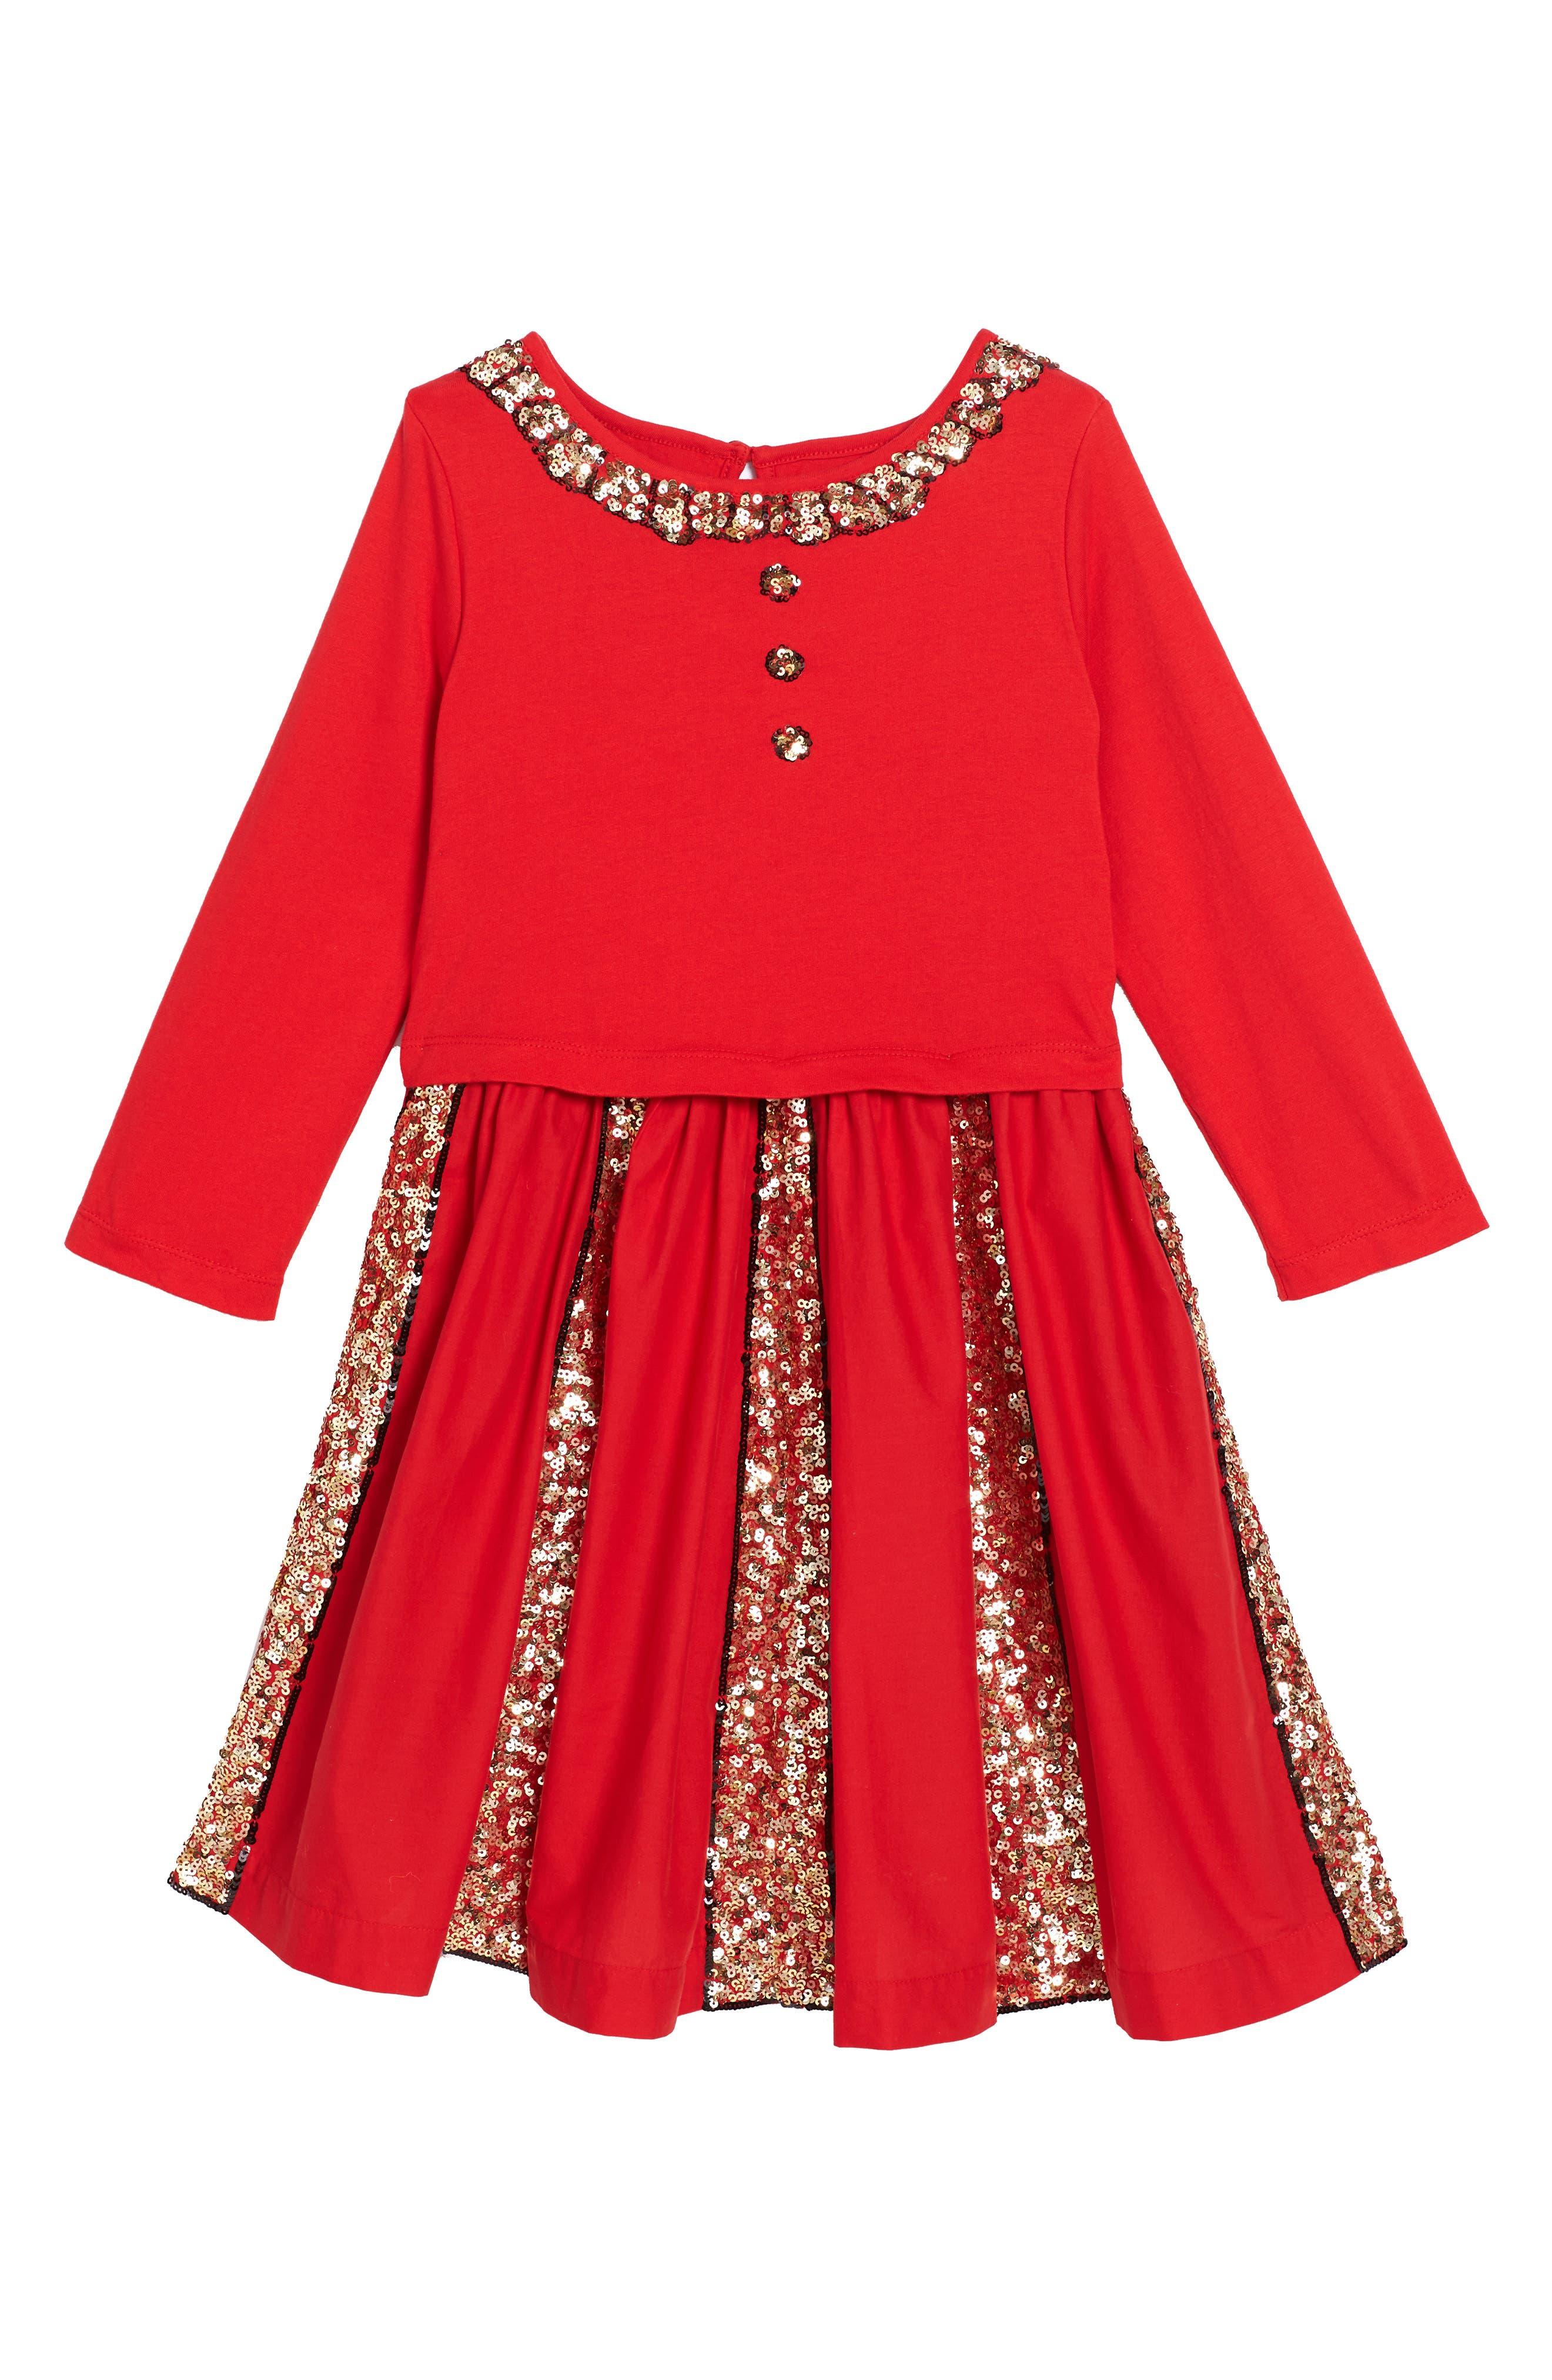 Main Image - Mini Boden Sequin Skater Dress (Little Girls & Big Girls)